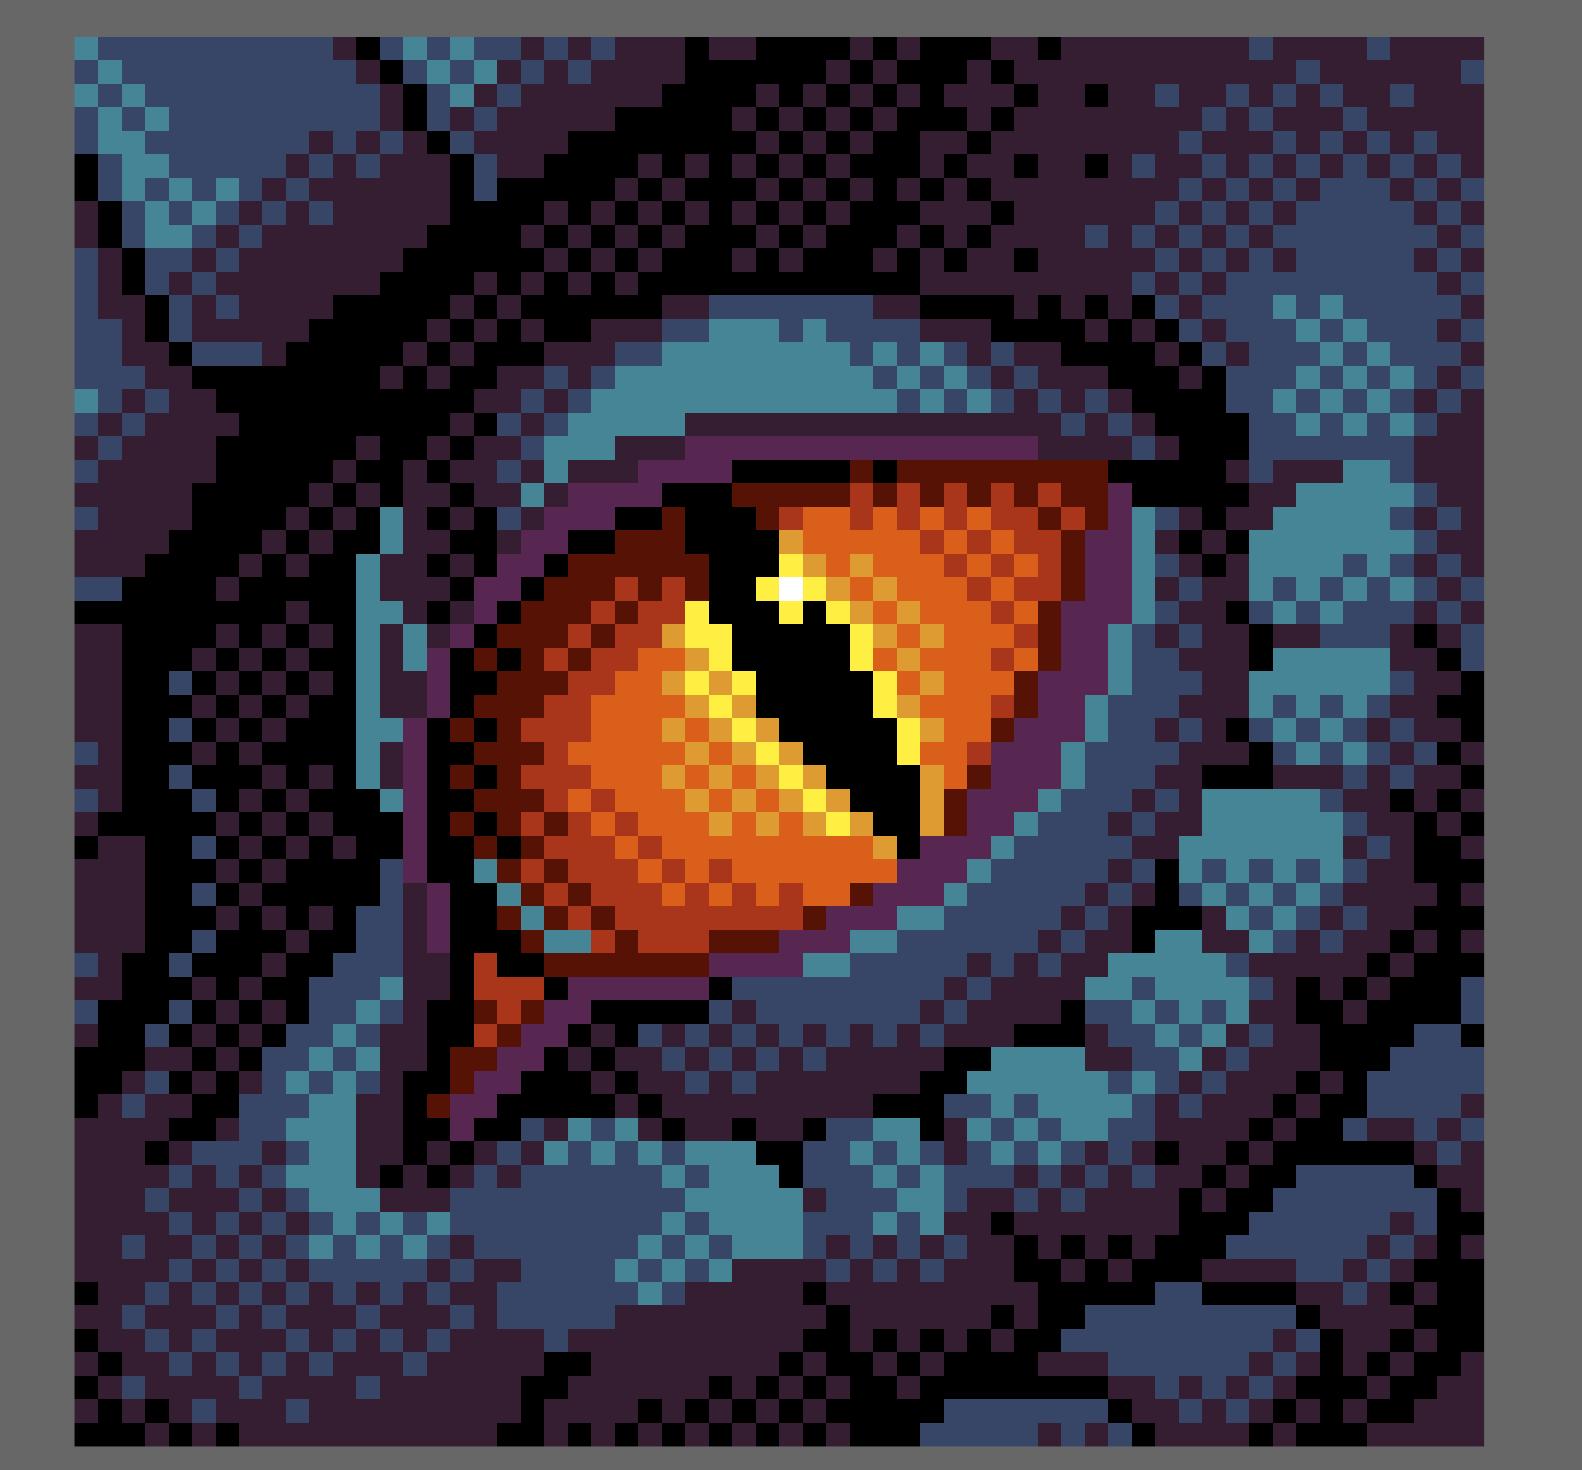 Dragon Pixel Art Pattern In 2021 Pixel Art Dragon Pixel Art Pixel Art Pattern